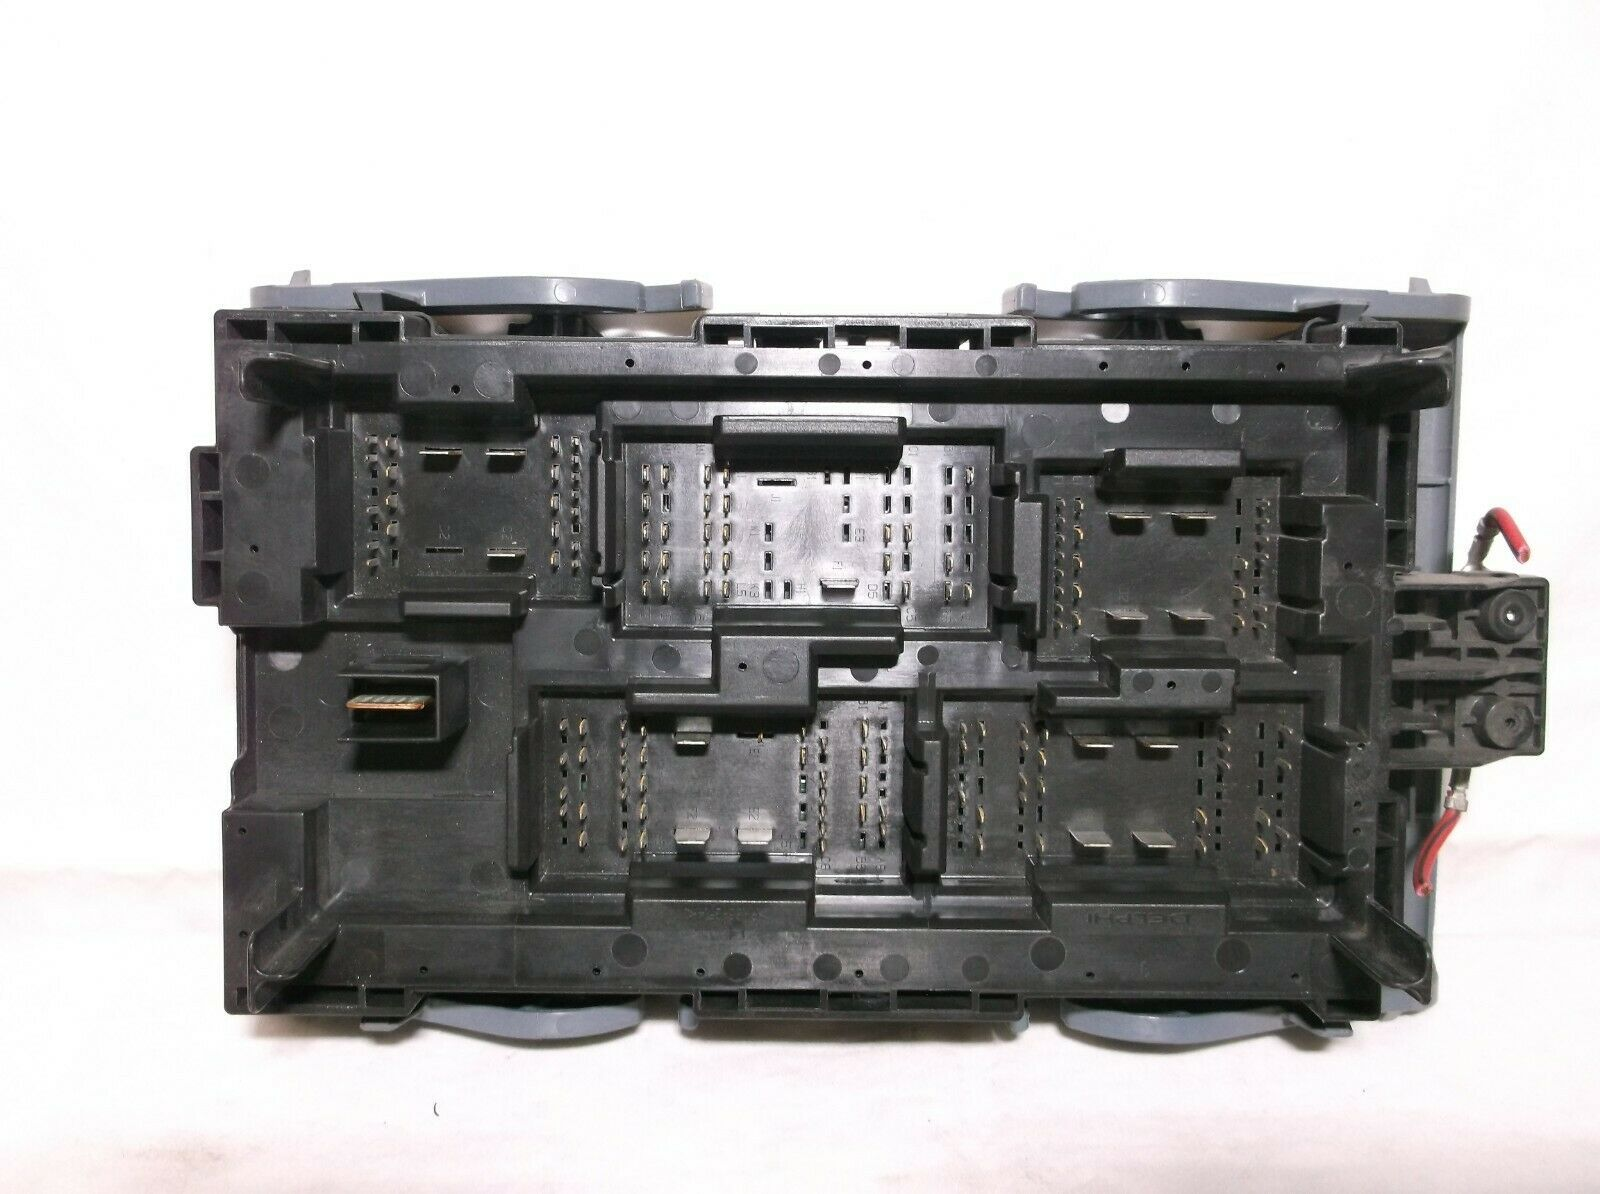 10-11-12-13 Gmc Sierra   Silverado   4 3l  U0026 6 0l   Engine Bay Fuse   Relay   Box